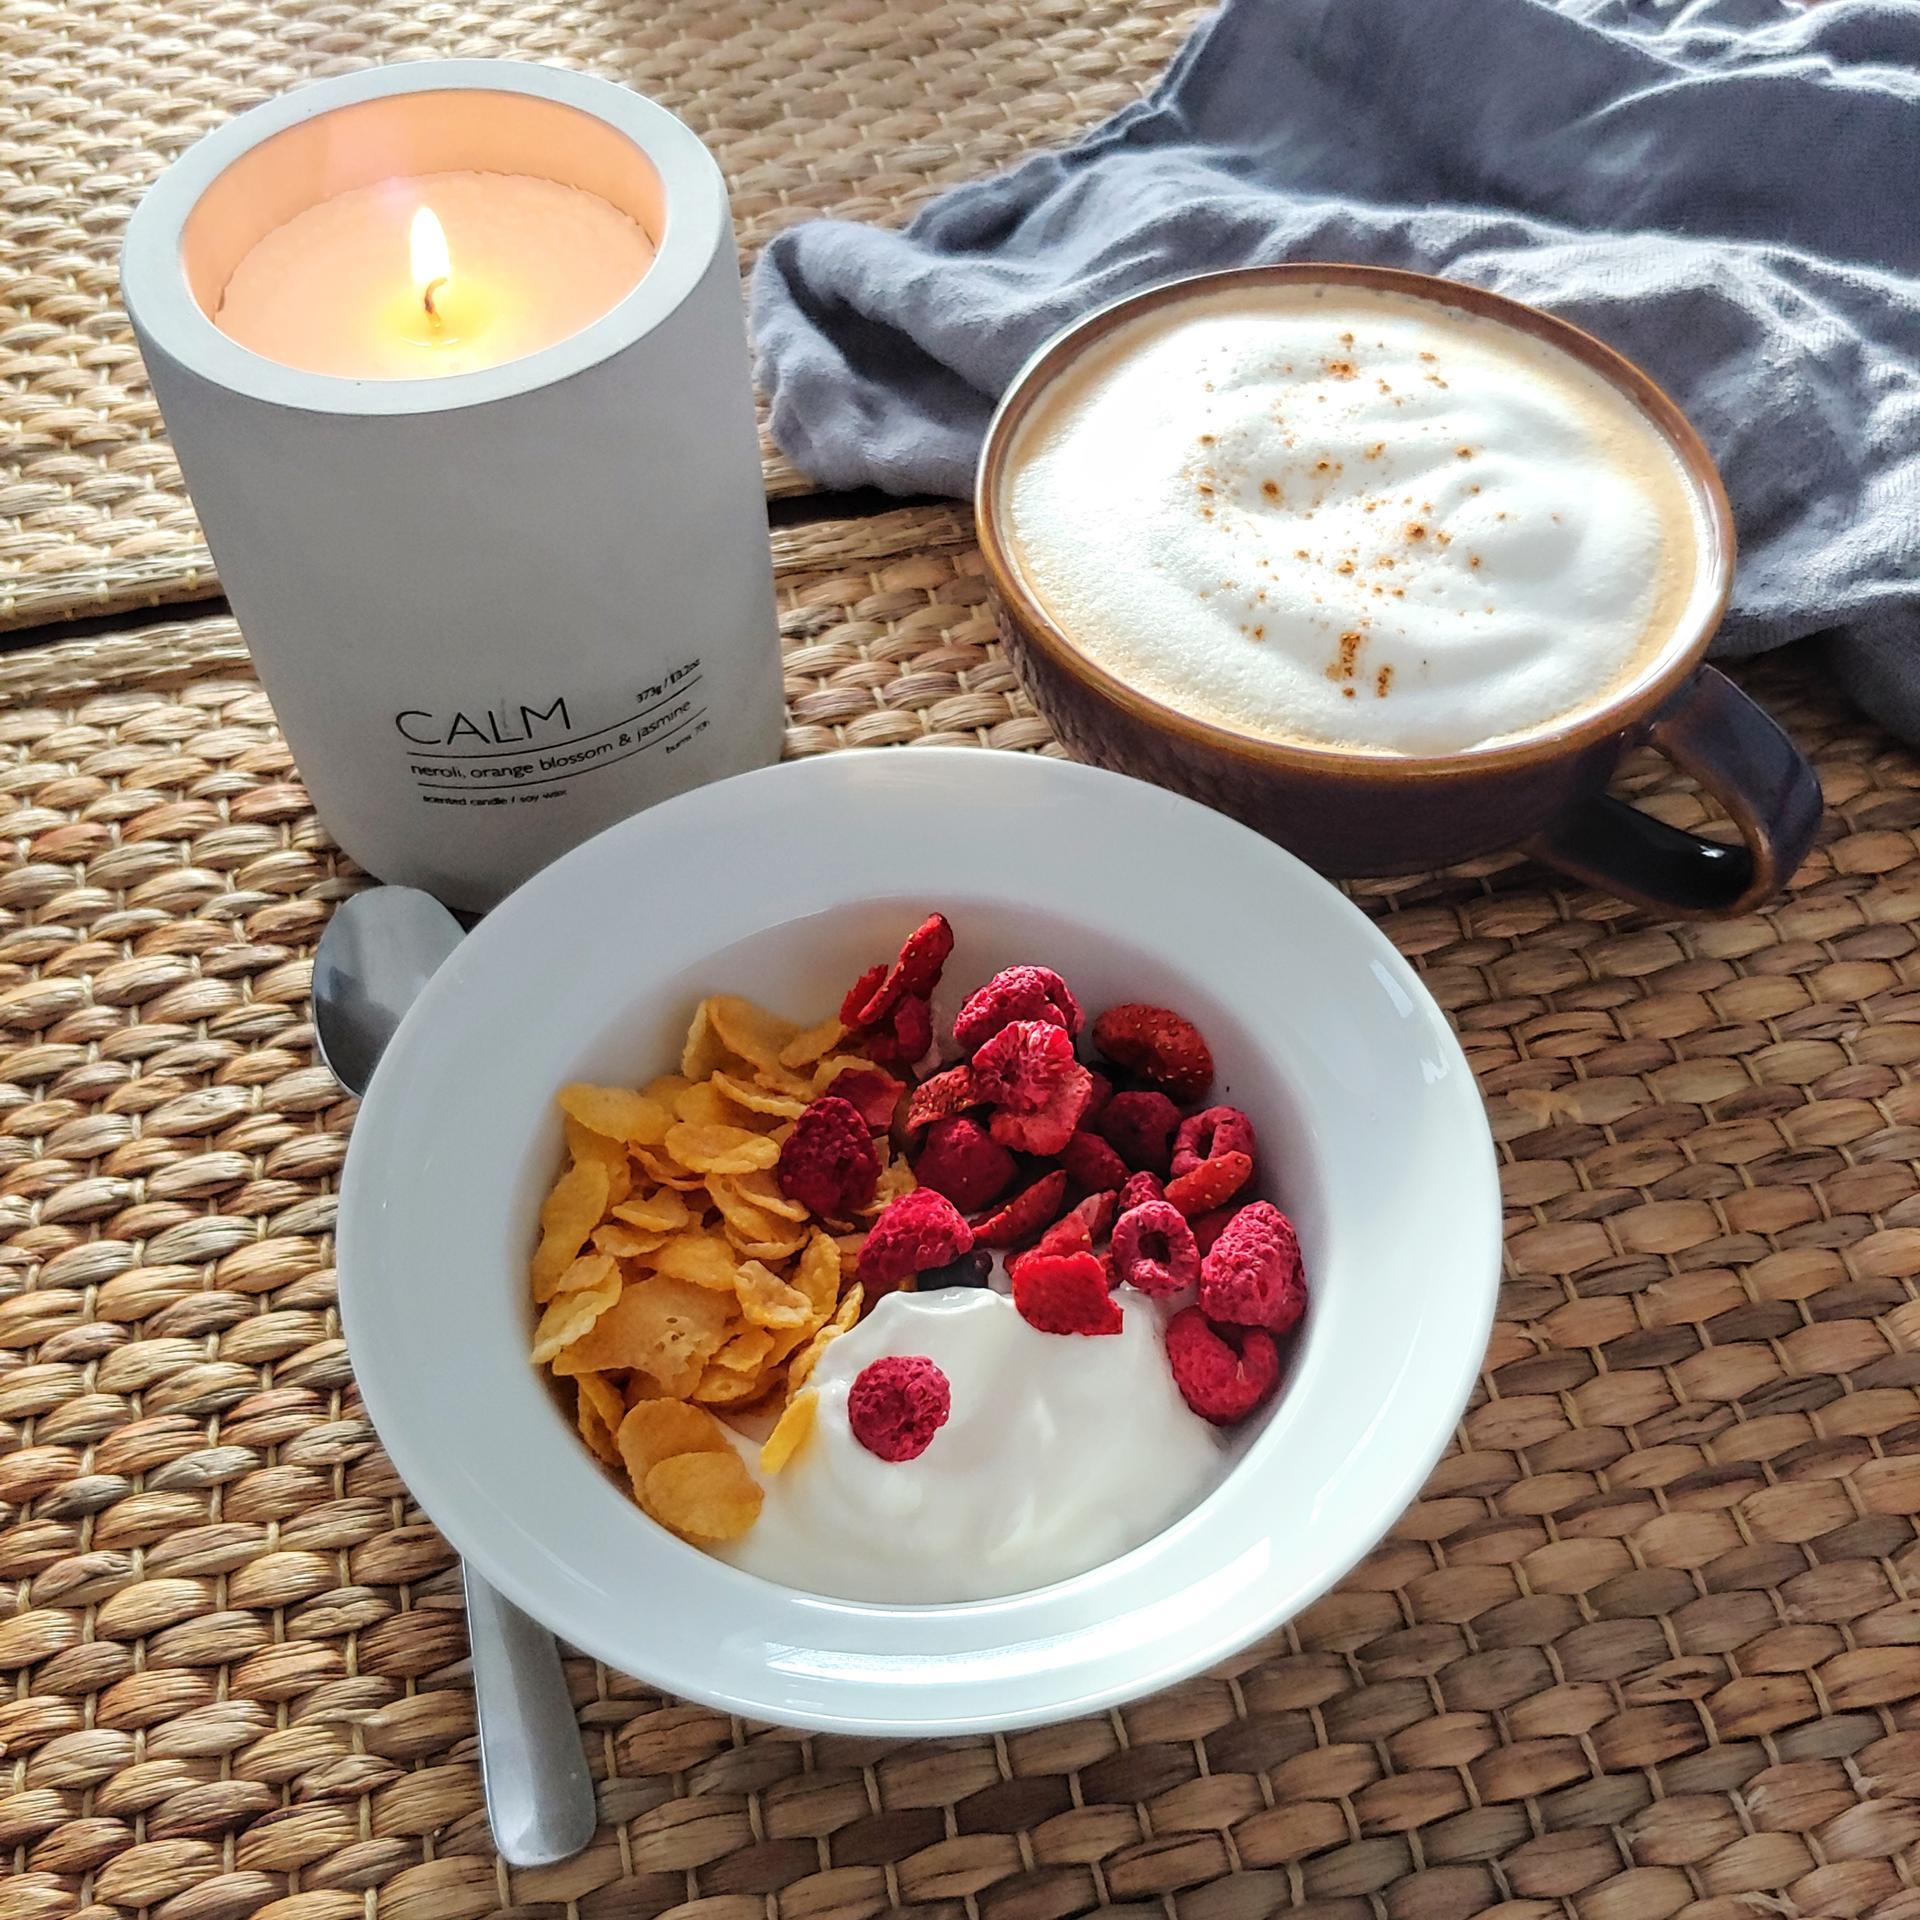 Dobré ráno, u nás hlásíme slunečno☀❄ Krásný den přejeme❤ Na fotce je betonová svíčka CALM, kameninovy vínový šálek a 100% lněná utěrka v šedé barvě😉 www.idylo.cz - Obrázek č. 1